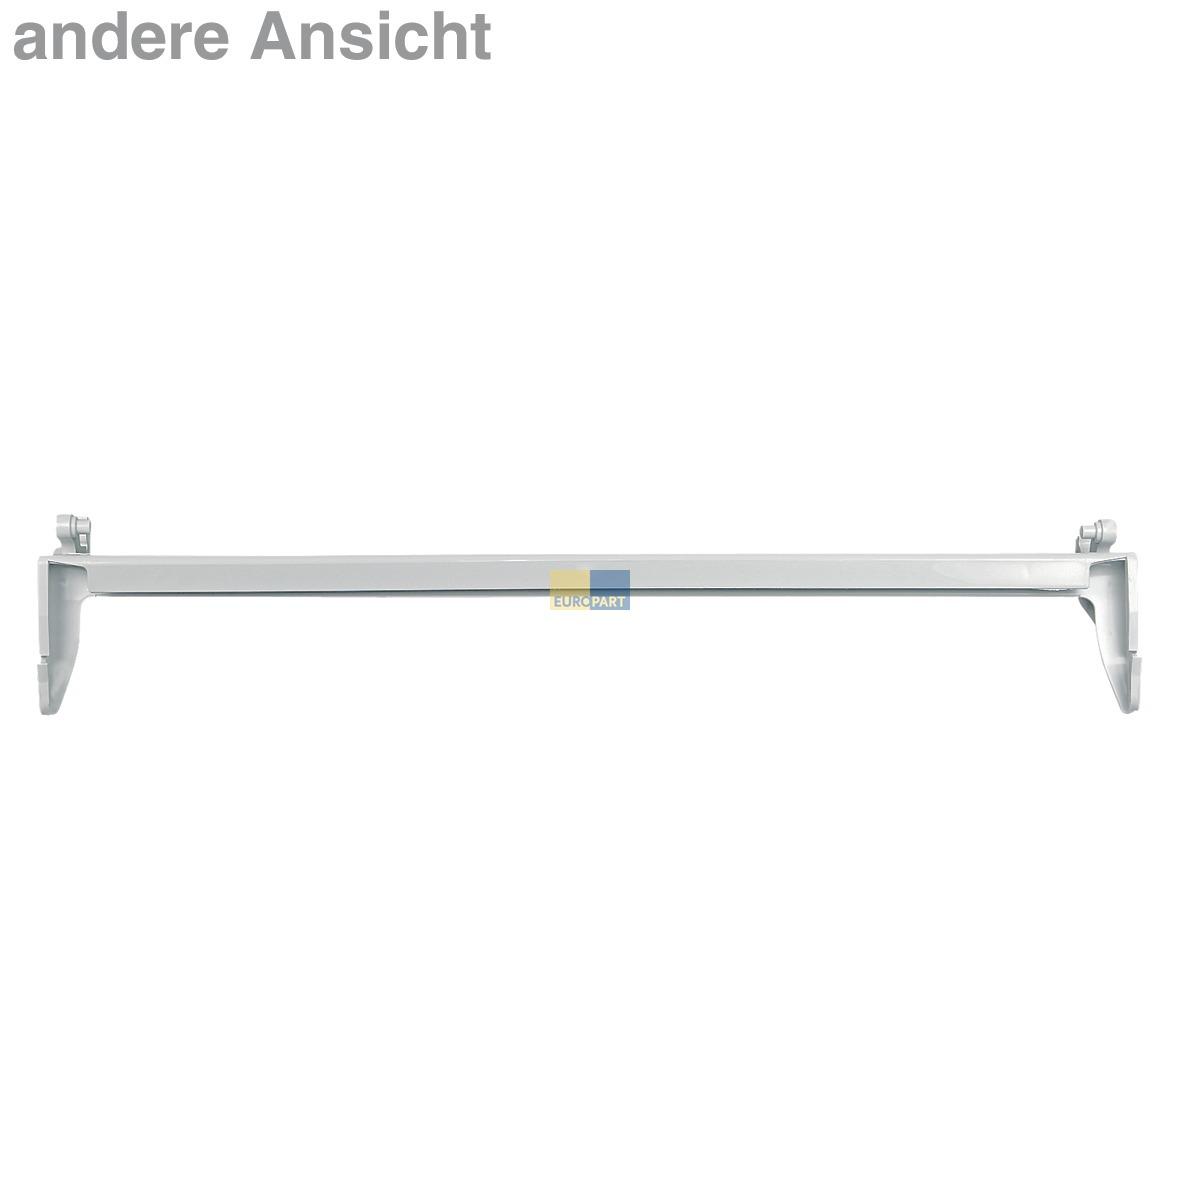 Gefrierfachklappenhalteleiste Zanker 223110510/3 - ABEA Hausgeräte ...